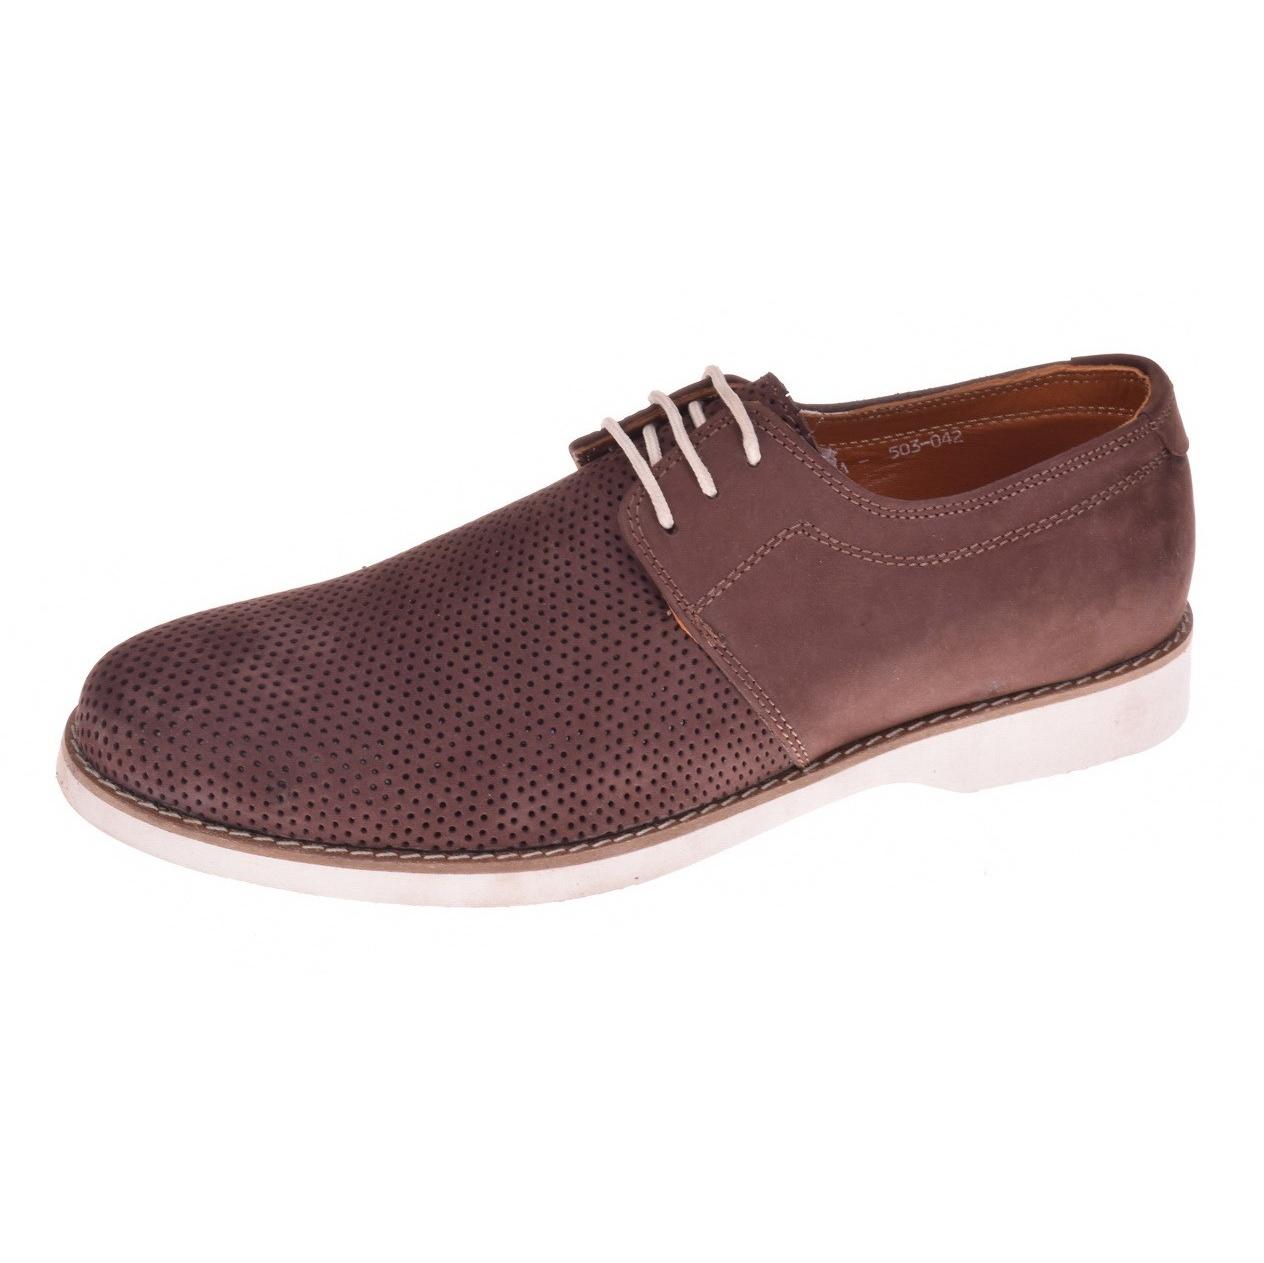 کفش مردانه پانیسا مدل 502C